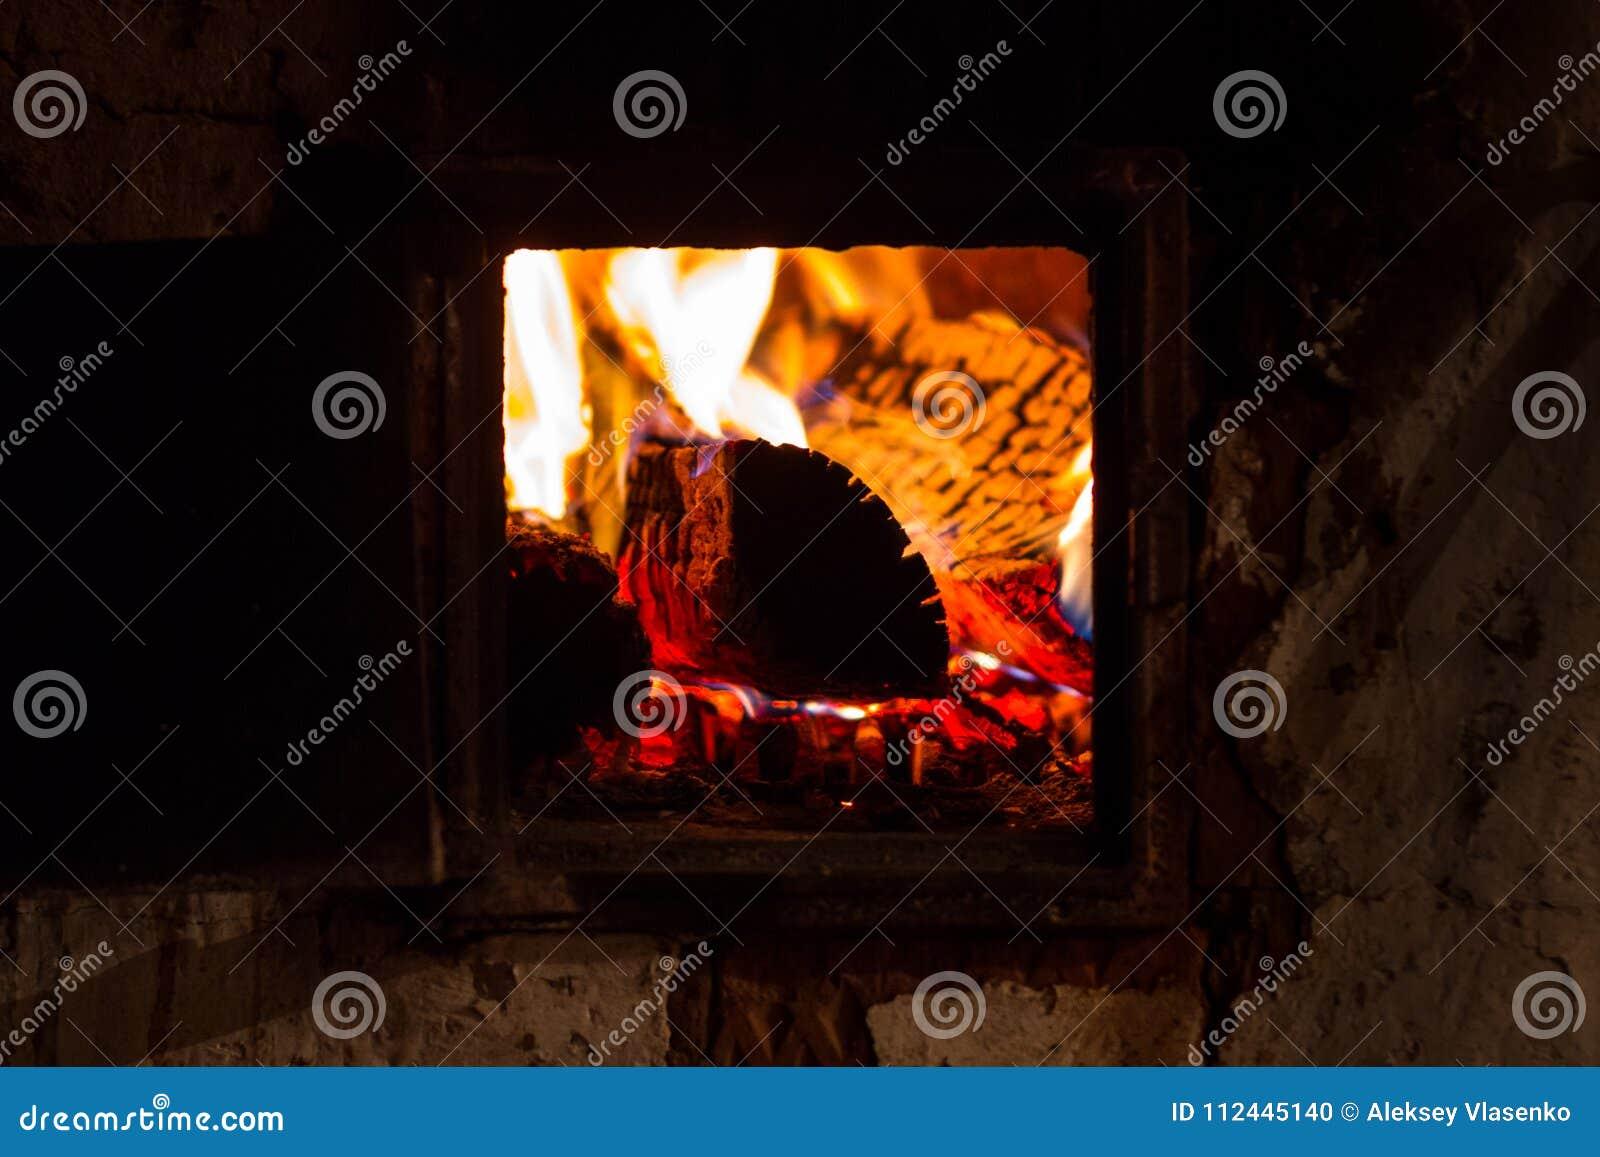 Chama ardente de uma fornalha em uma vila do russo